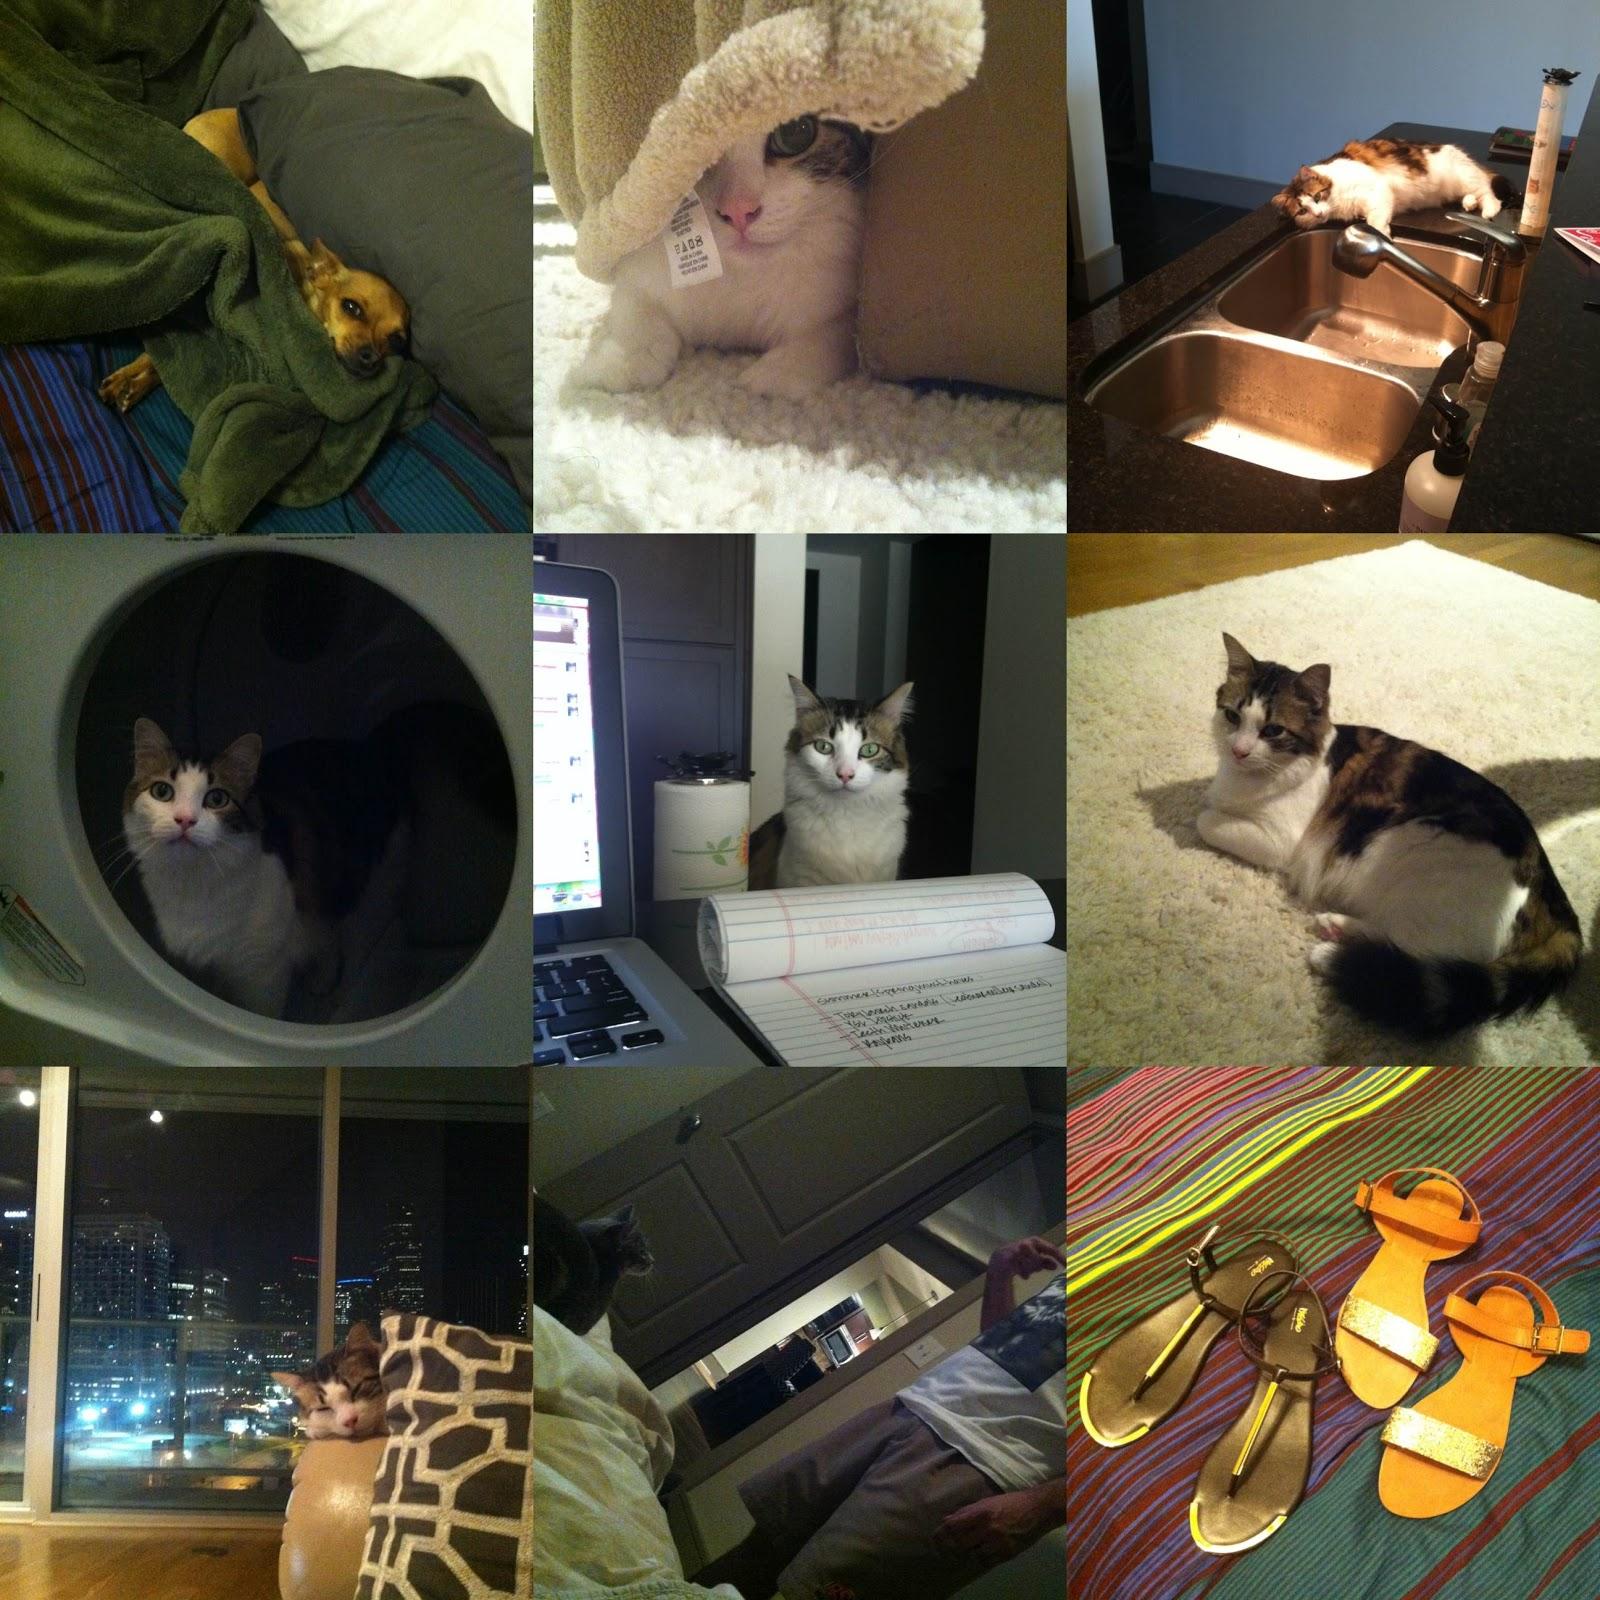 http://4.bp.blogspot.com/-M5hzMLFQ0kE/UUaXiOp_ahI/AAAAAAAAMRE/64HrRzugMs0/s1600/photo.jpg